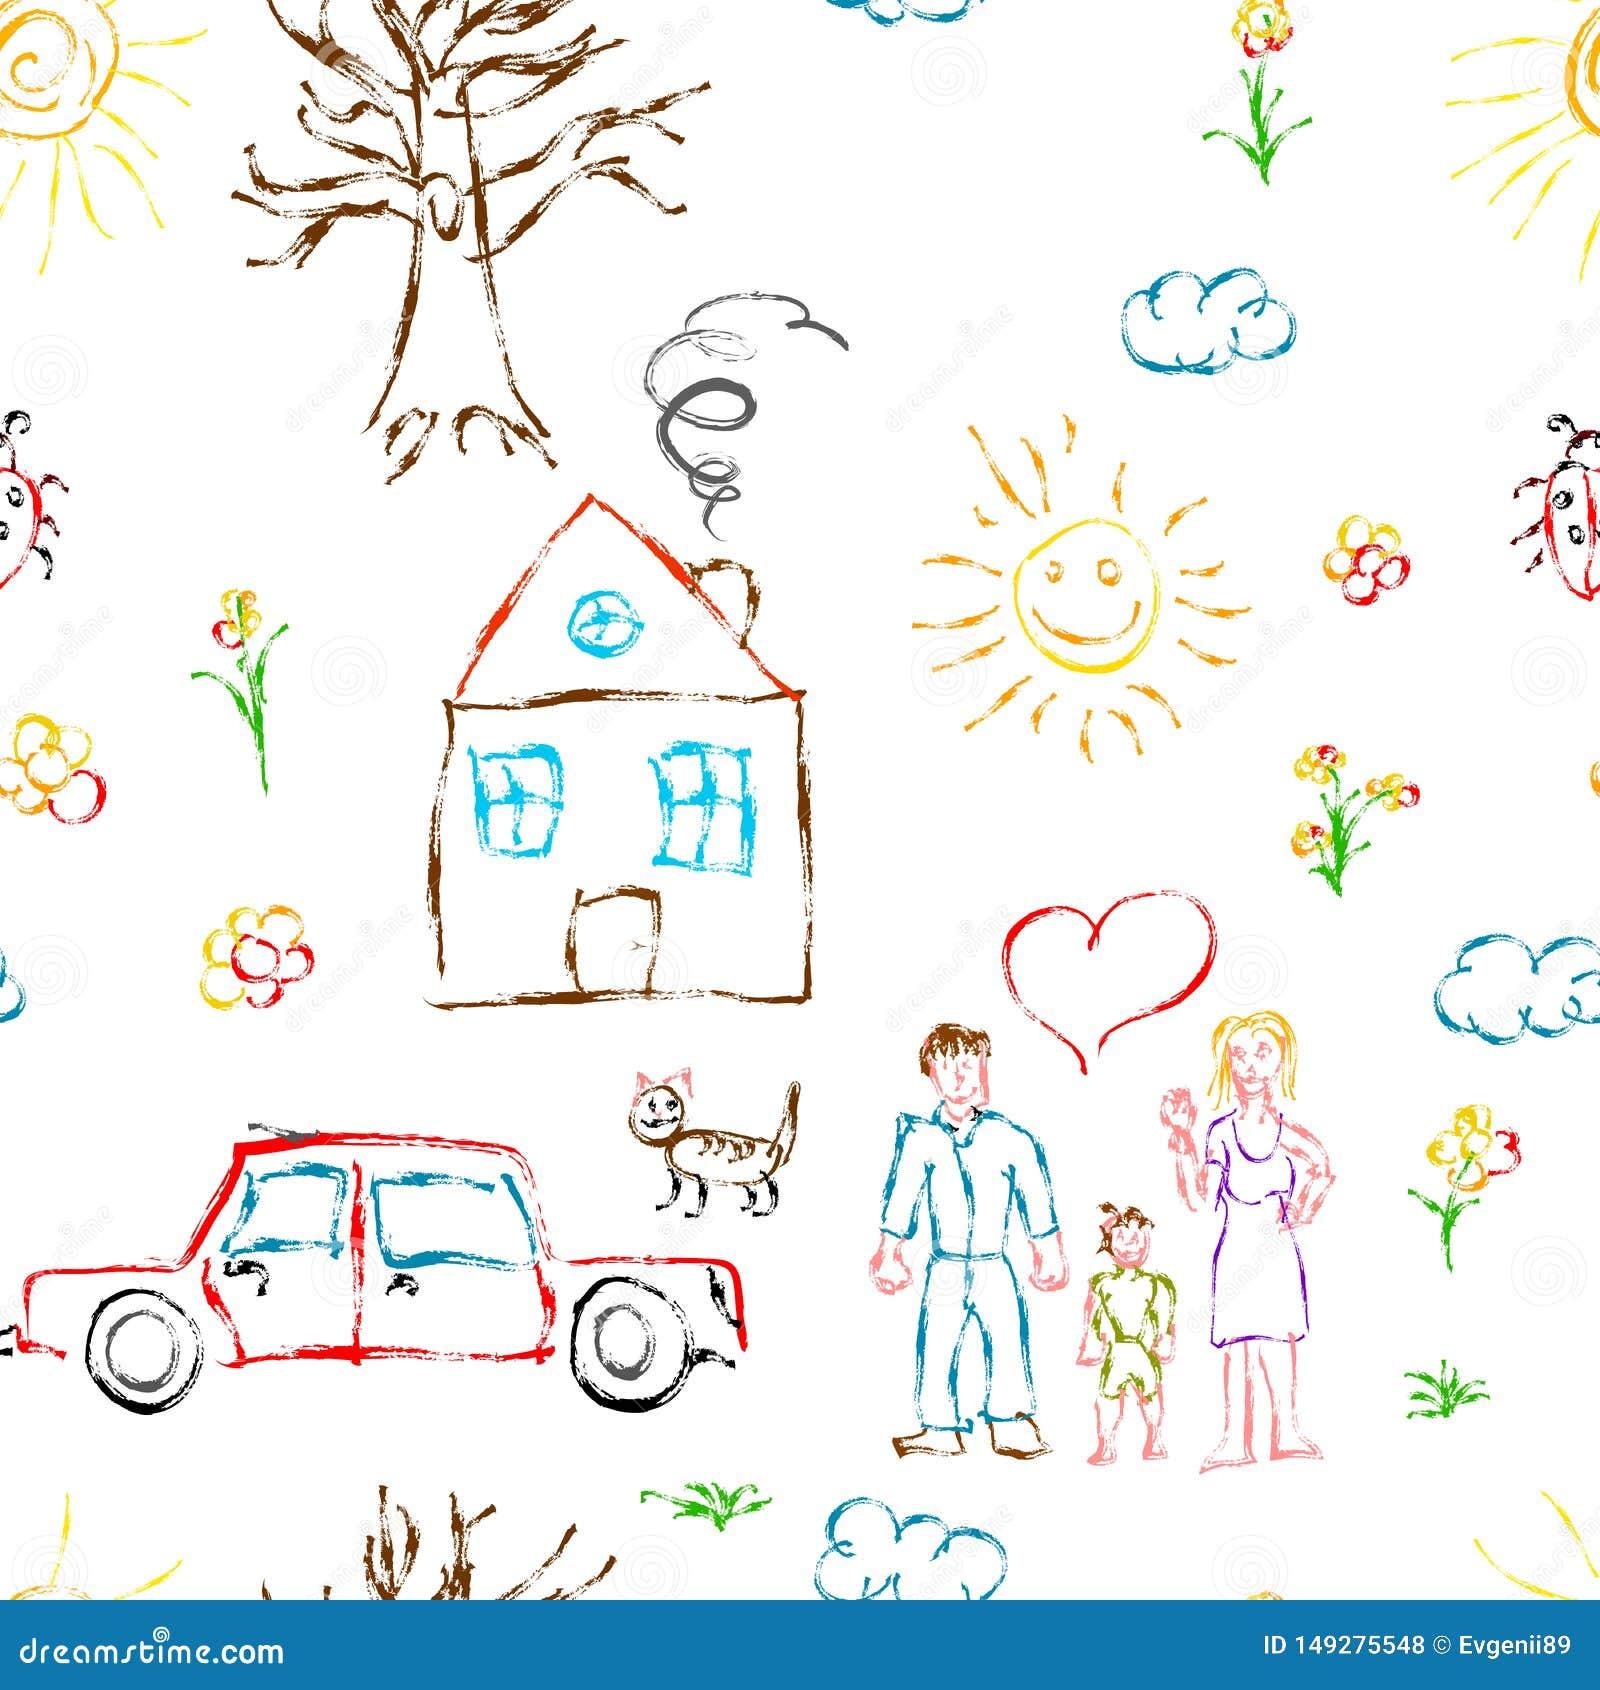 Objetos tirados da criança mão colorida bonito como a família, as flores, a casa, a grama, a árvore, o sol e o gato, teste padrão